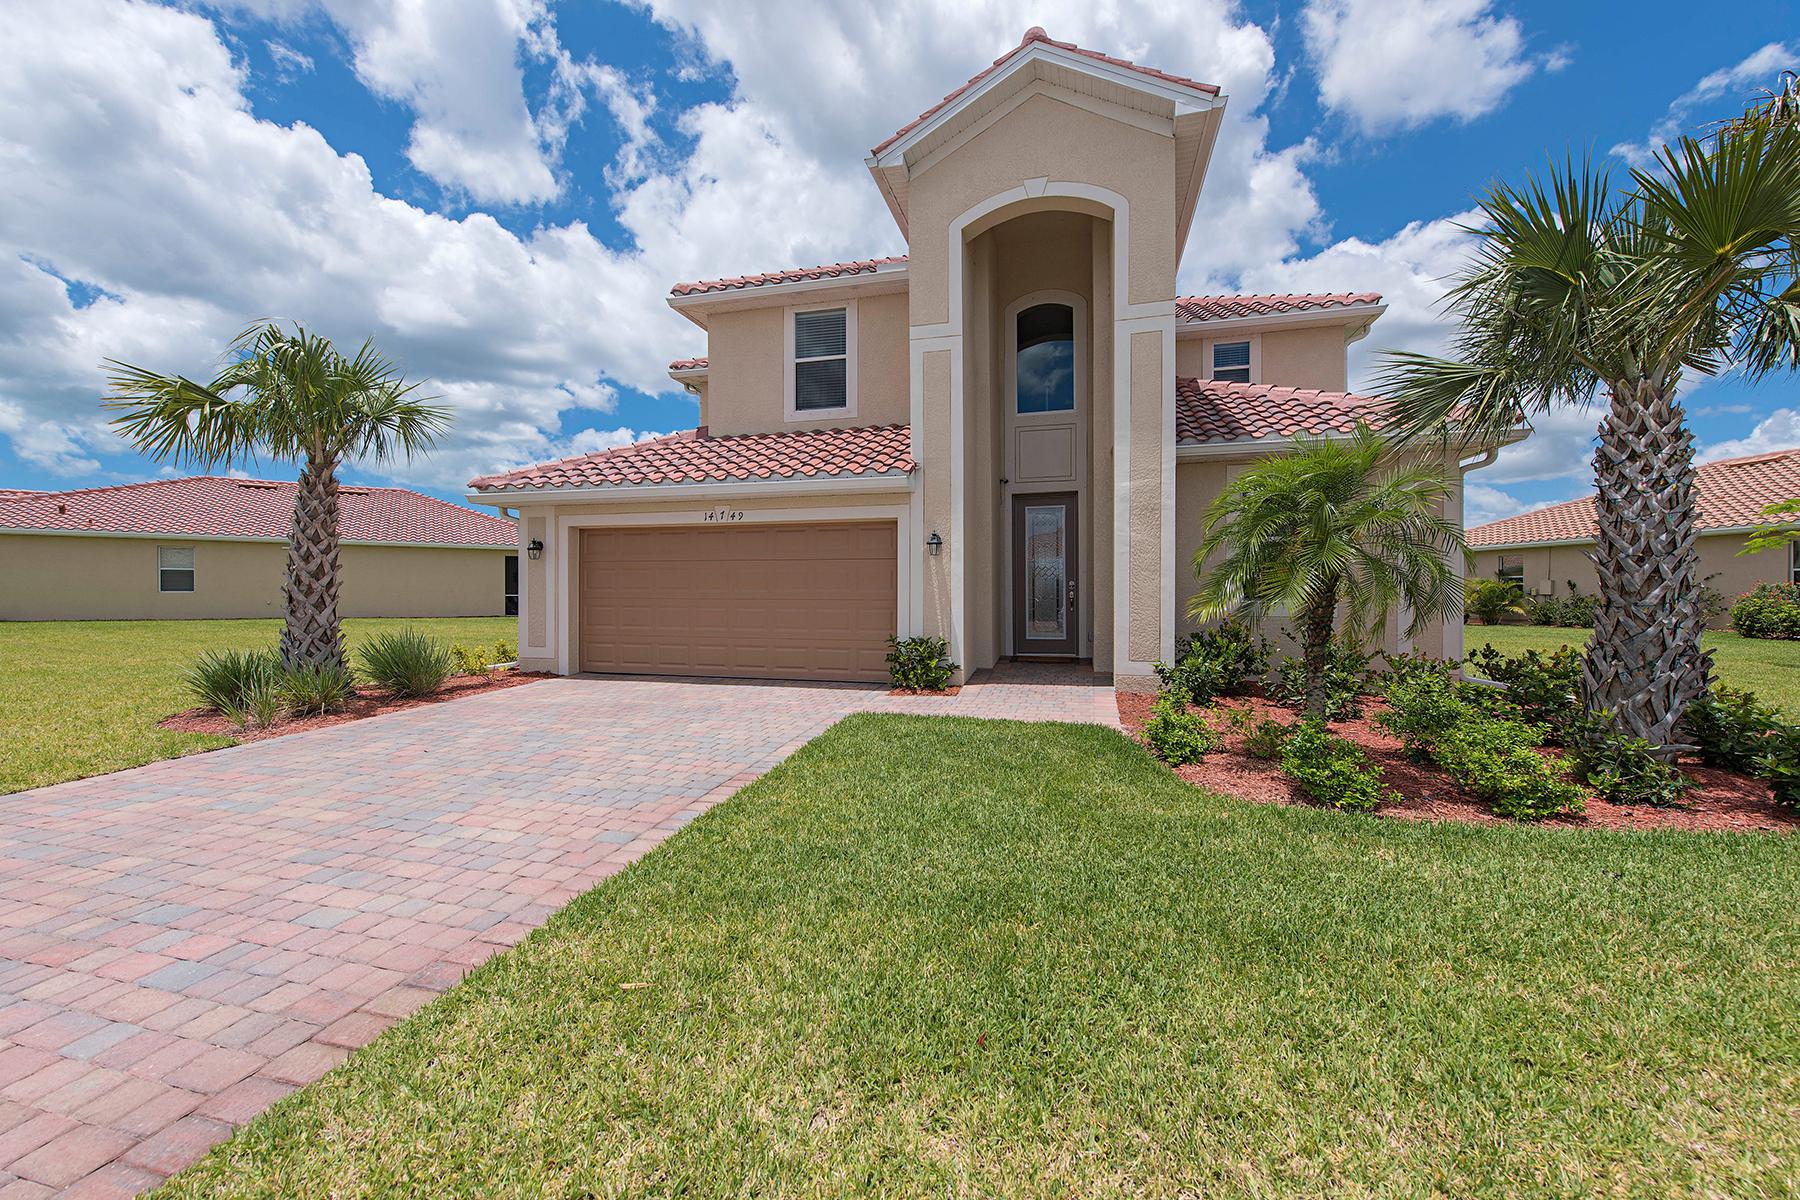 獨棟家庭住宅 為 出售 在 REFLECTION LAKES 14749 Cranberry Ct Naples, 佛羅里達州, 34114 美國